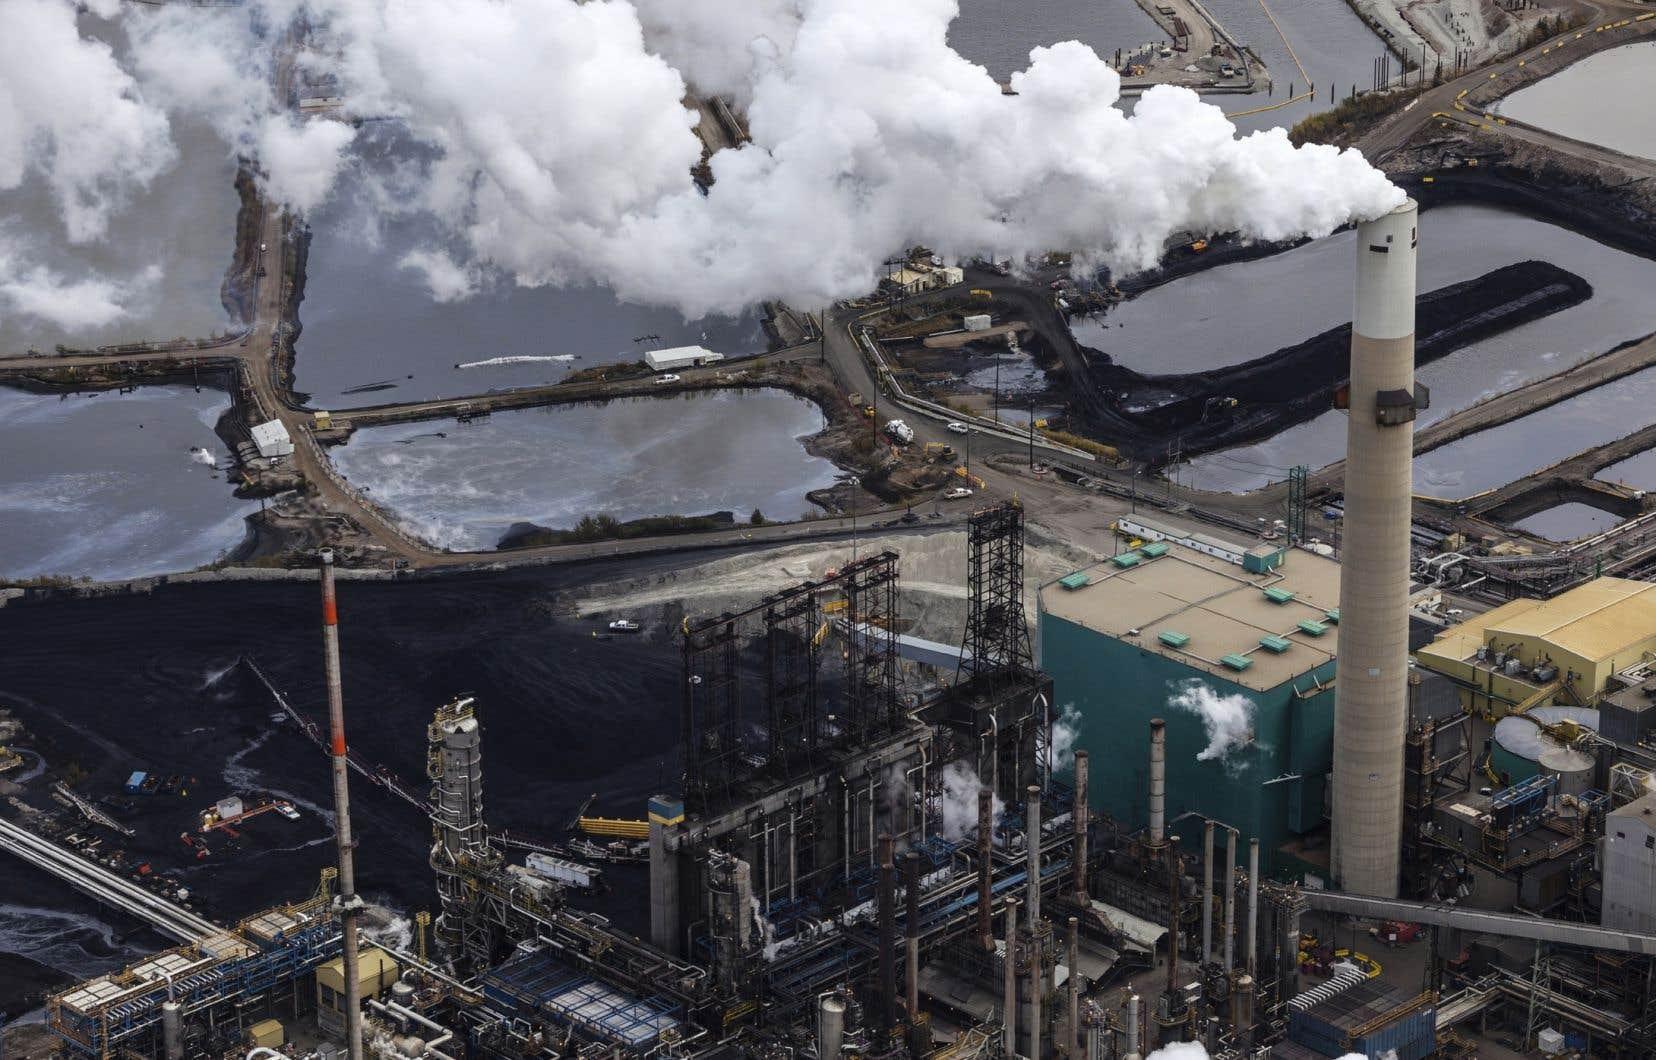 Malgré l'urgence climatique, le Canada devrait produire 5,86 millions de barils de pétrole par jour en 2035, soit 1,27 million de barils de plus qu'à l'heure actuelle.